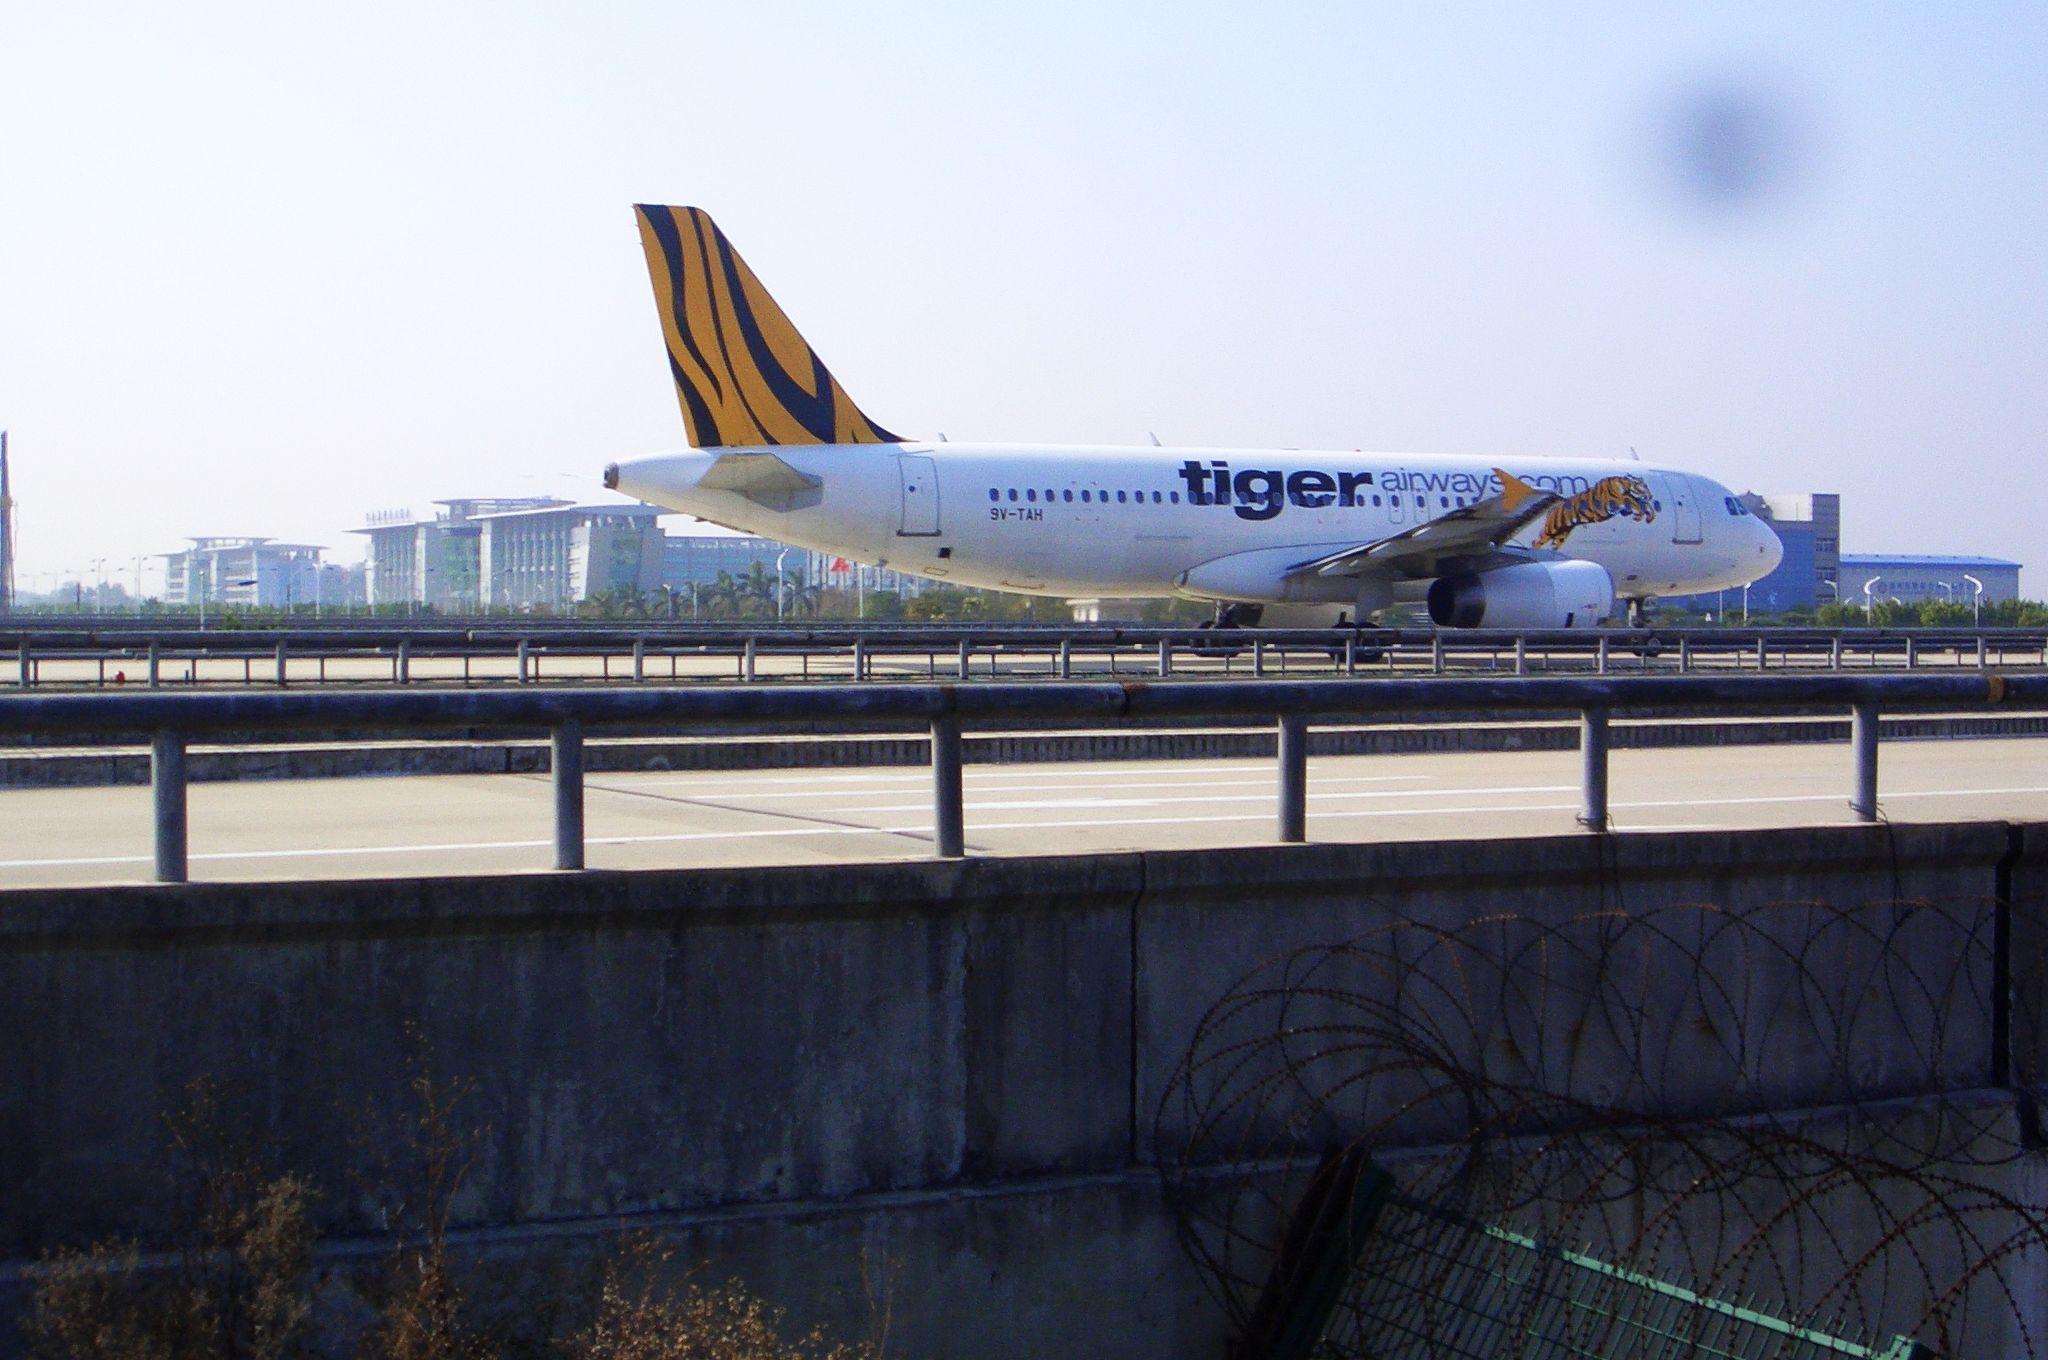 Re:[原创]恢复信心后的第一次发帖,09年第一次活动 A320-200 9V-TAH 中国广州白云机场